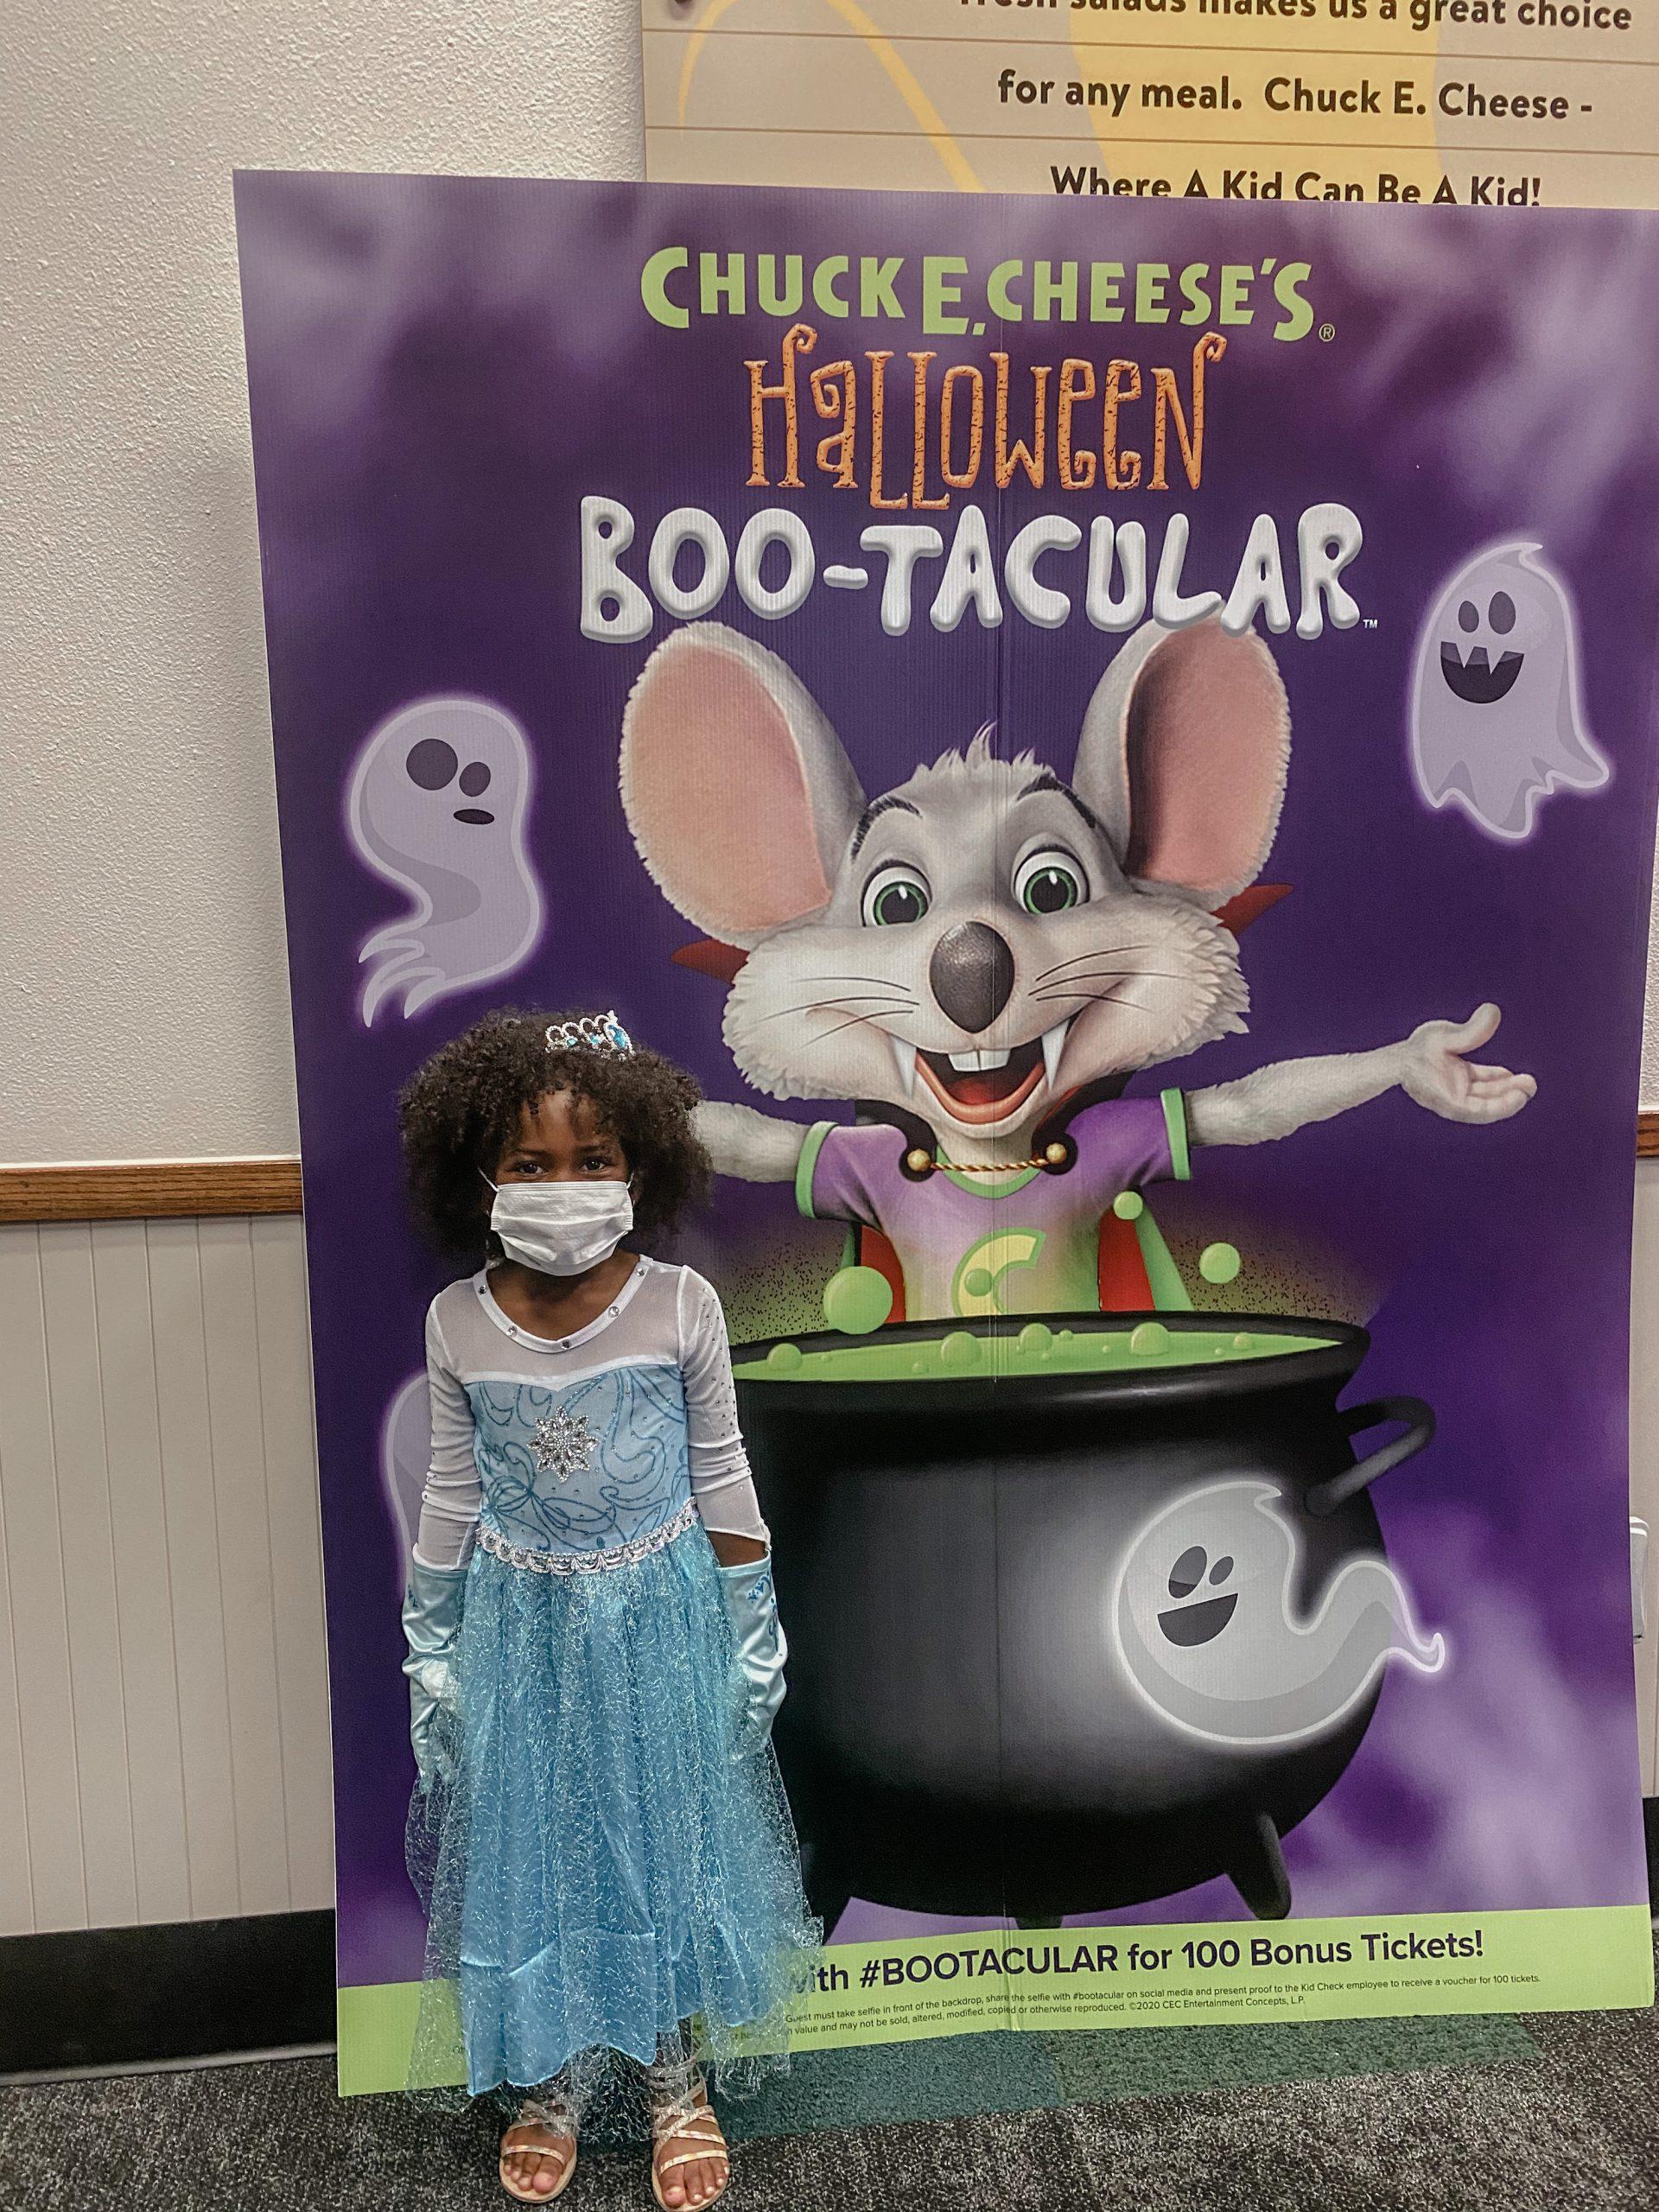 Chuck E Cheese Halloween BooTacular